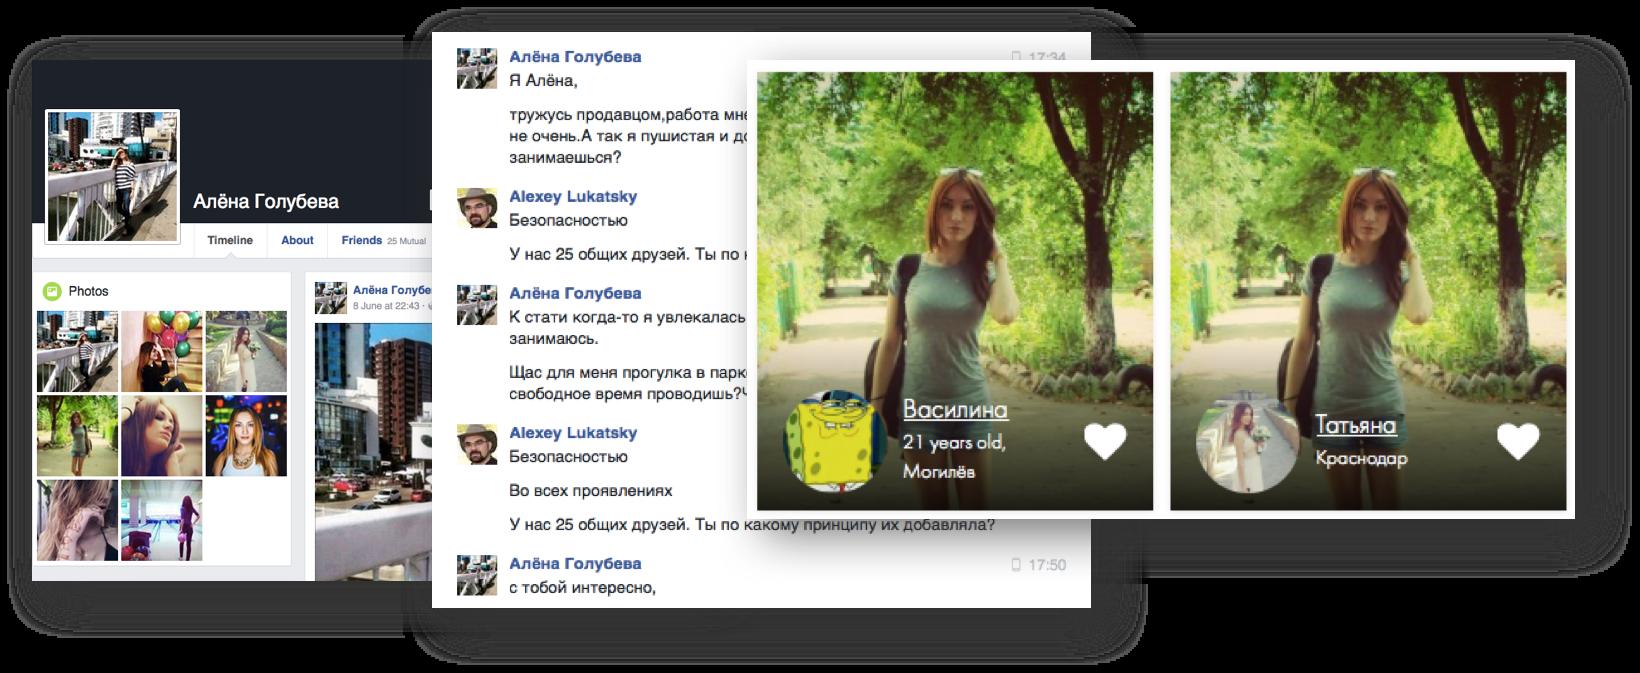 А это Алена Голубева, которой со мной так интересно